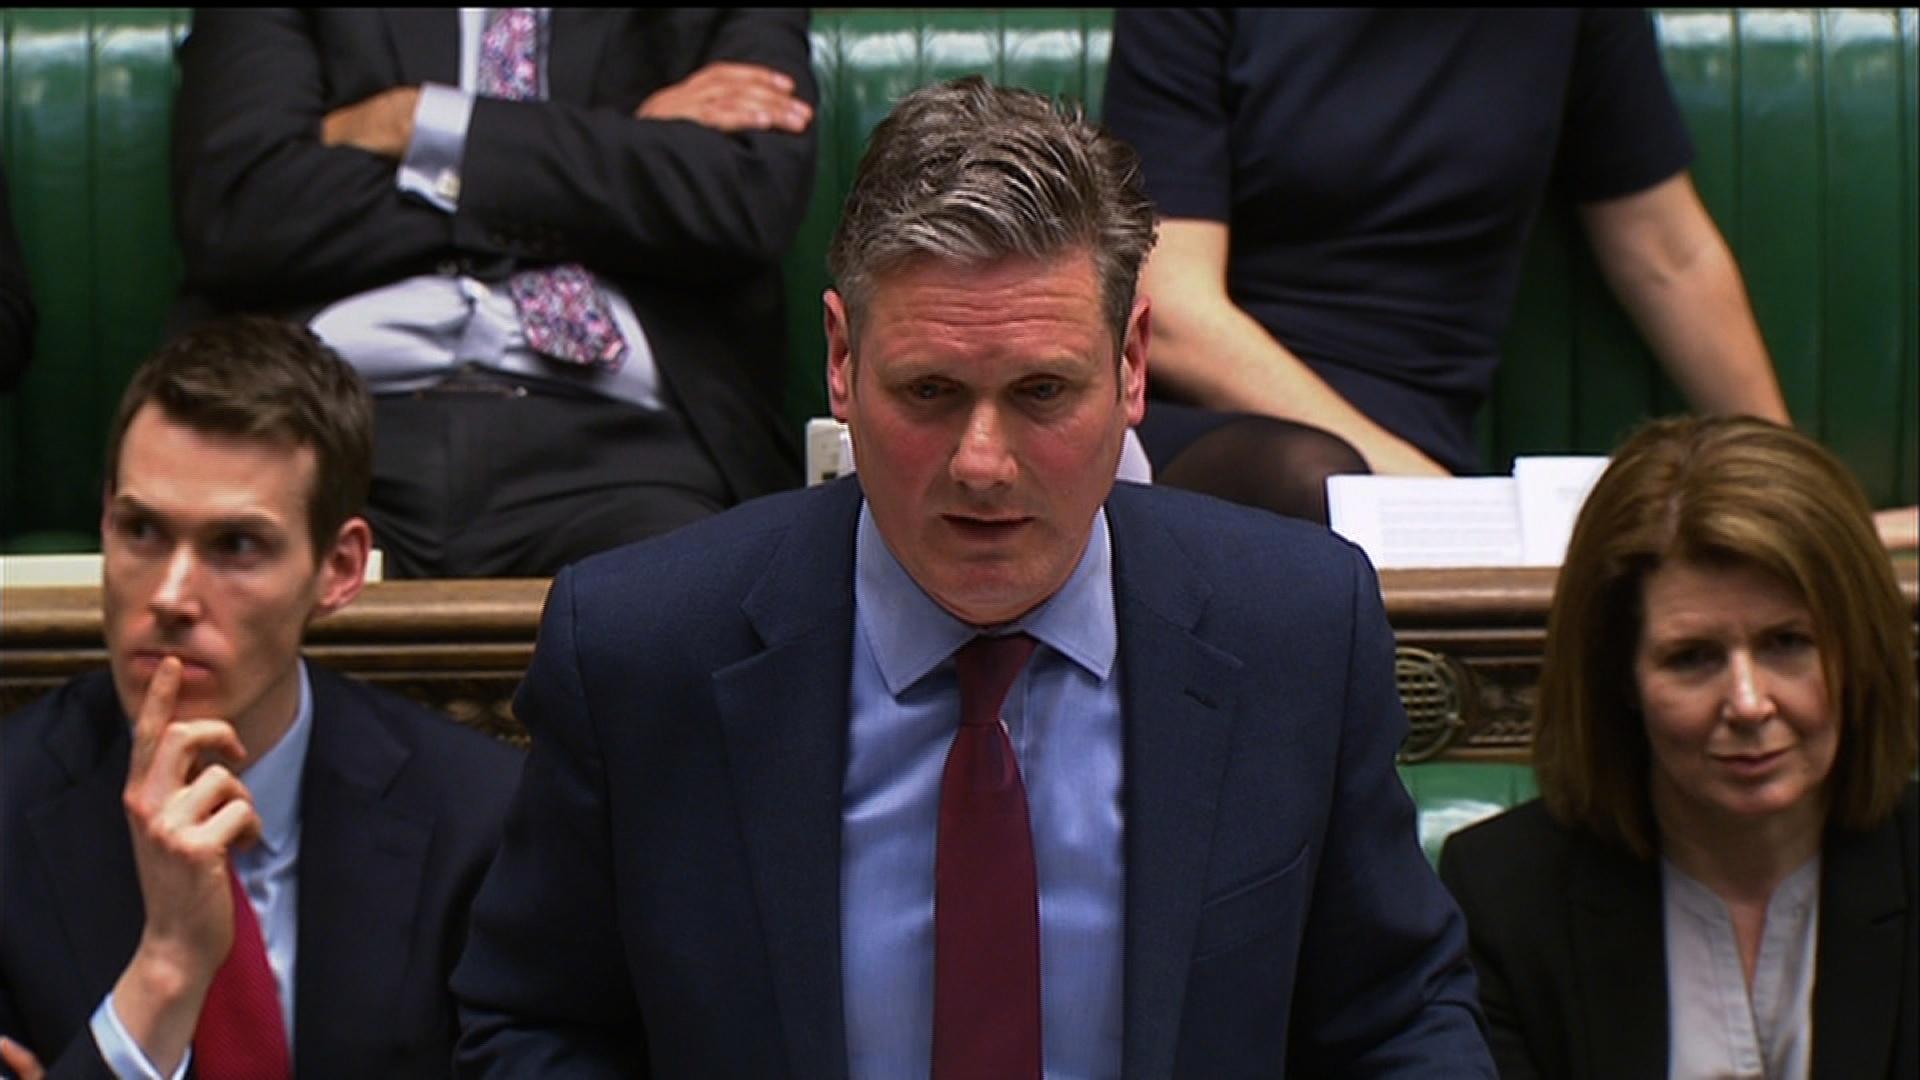 Shadow Brexit Secretary Keir Starmer speaking in parliament.